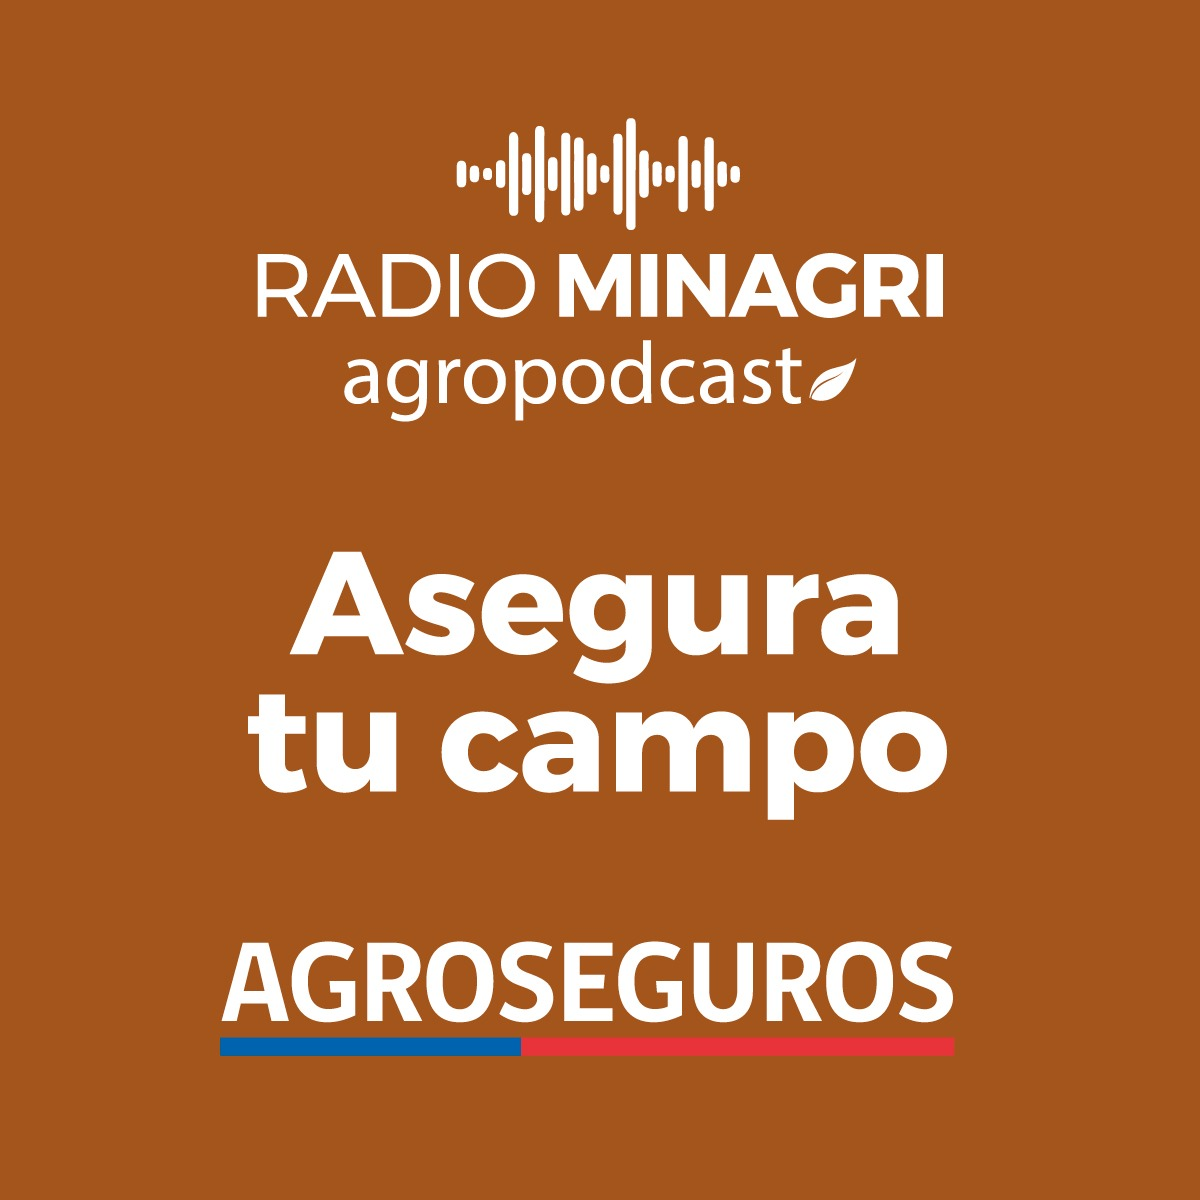 Asegura tu campo – Episodio 5: Desafíos y oportunidades de los Seguros para el Agro